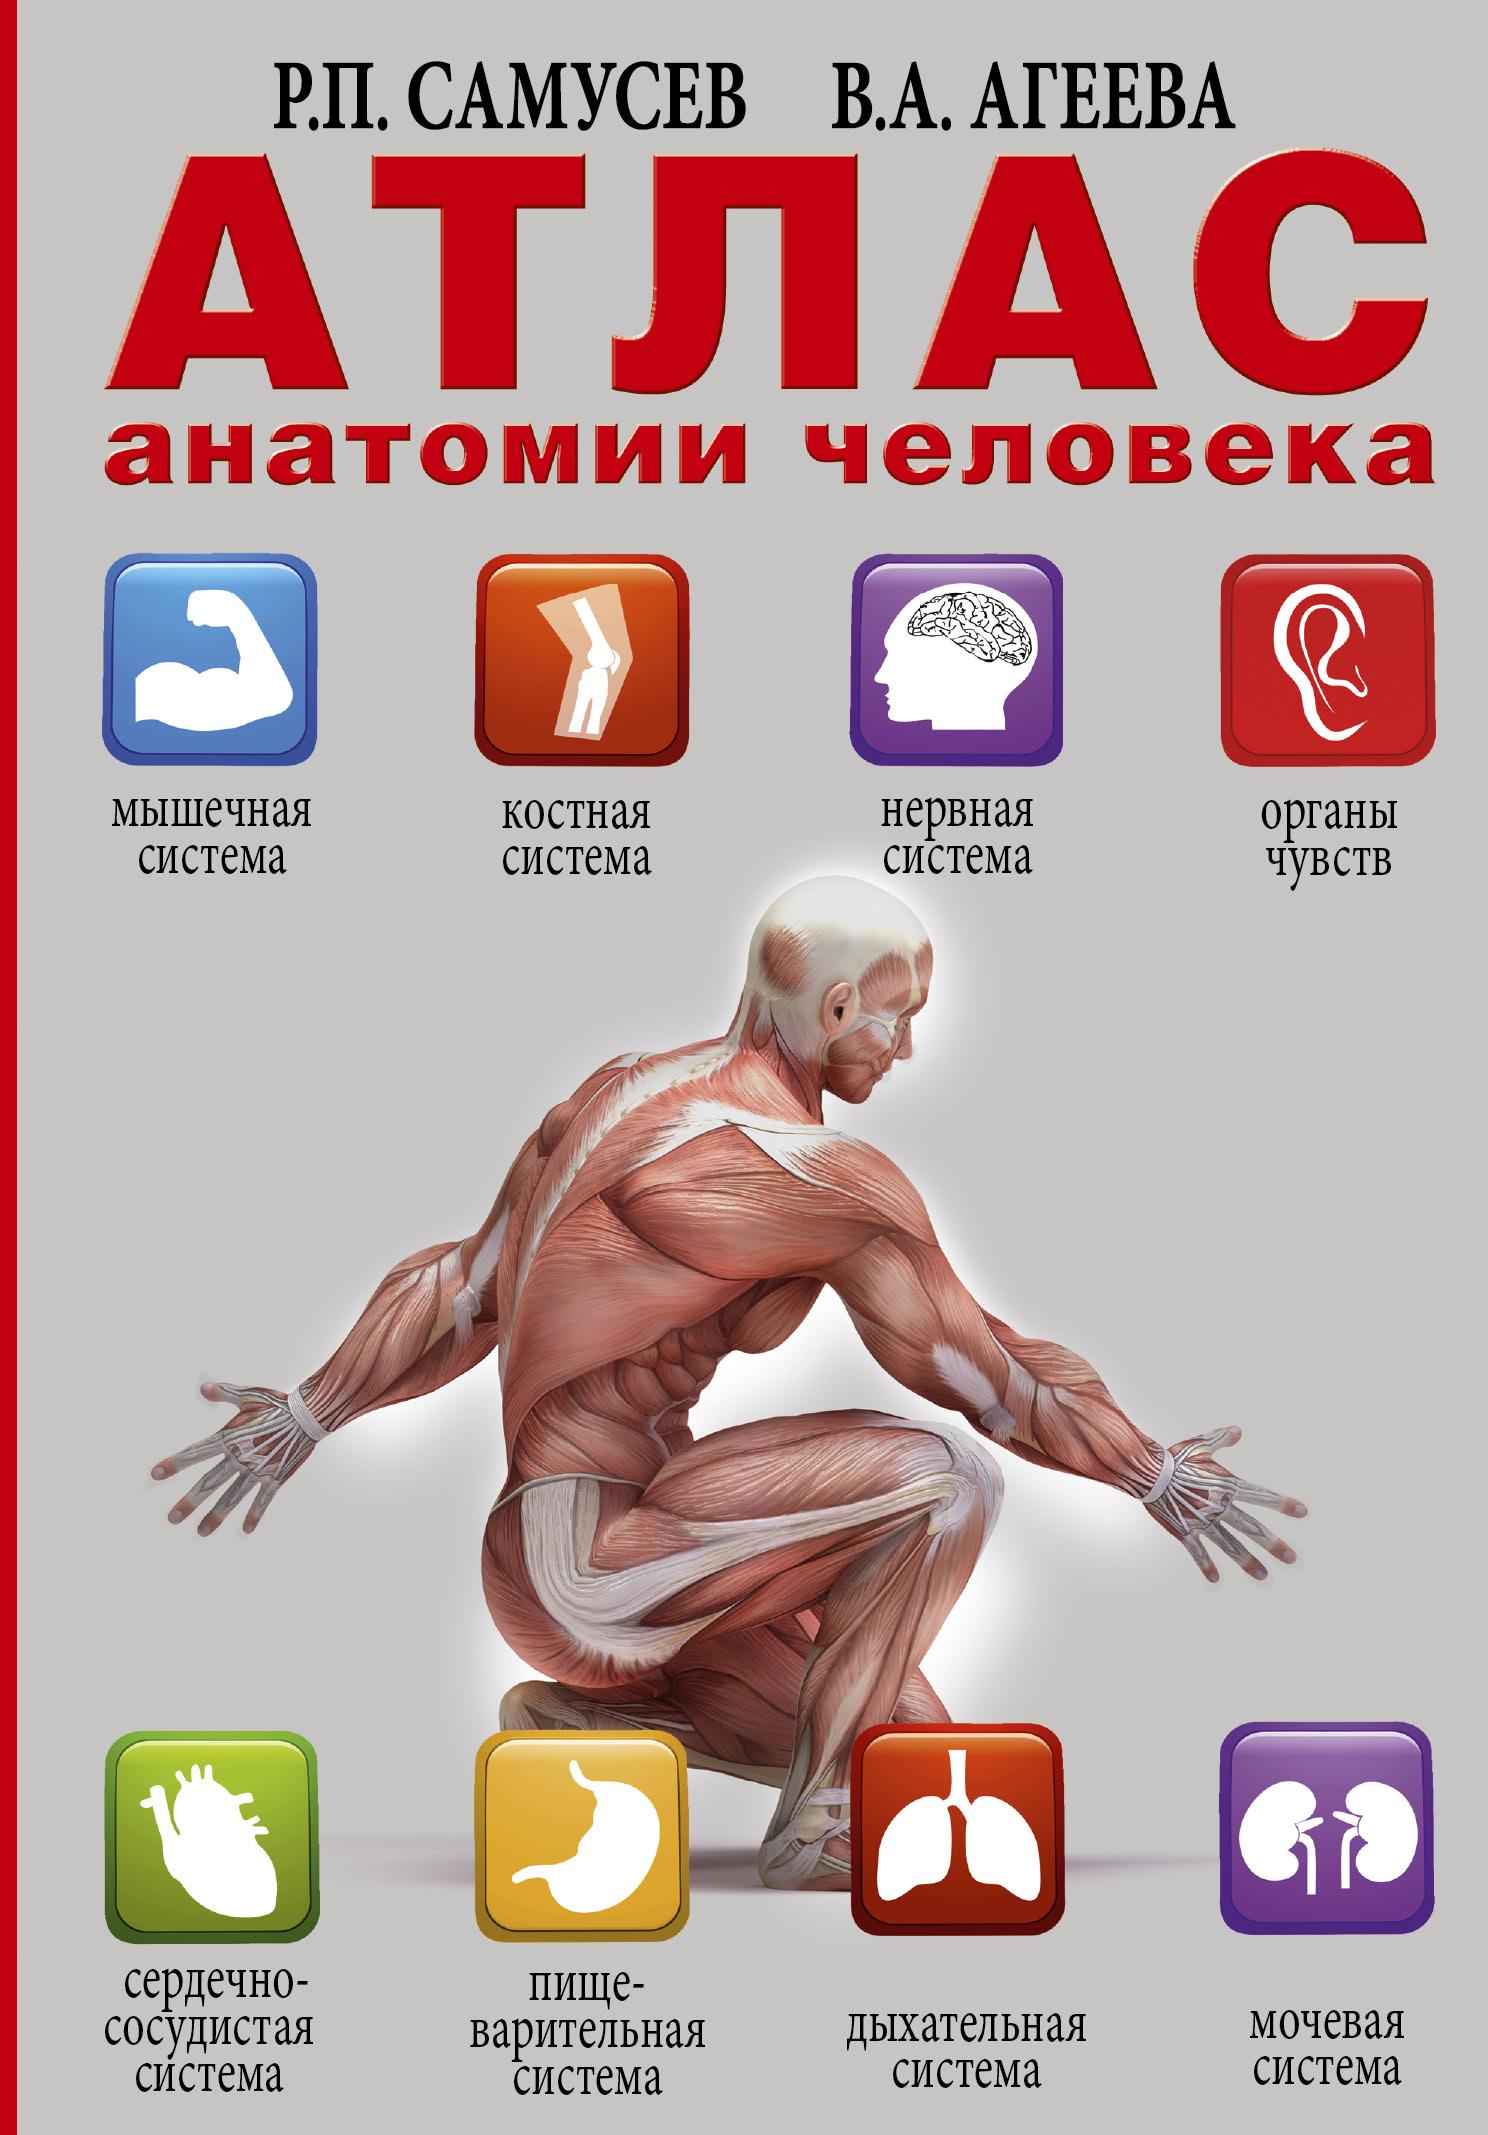 Самусев Р.П. Атлас анатомии человека анна спектор большой иллюстрированный атлас анатомии человека